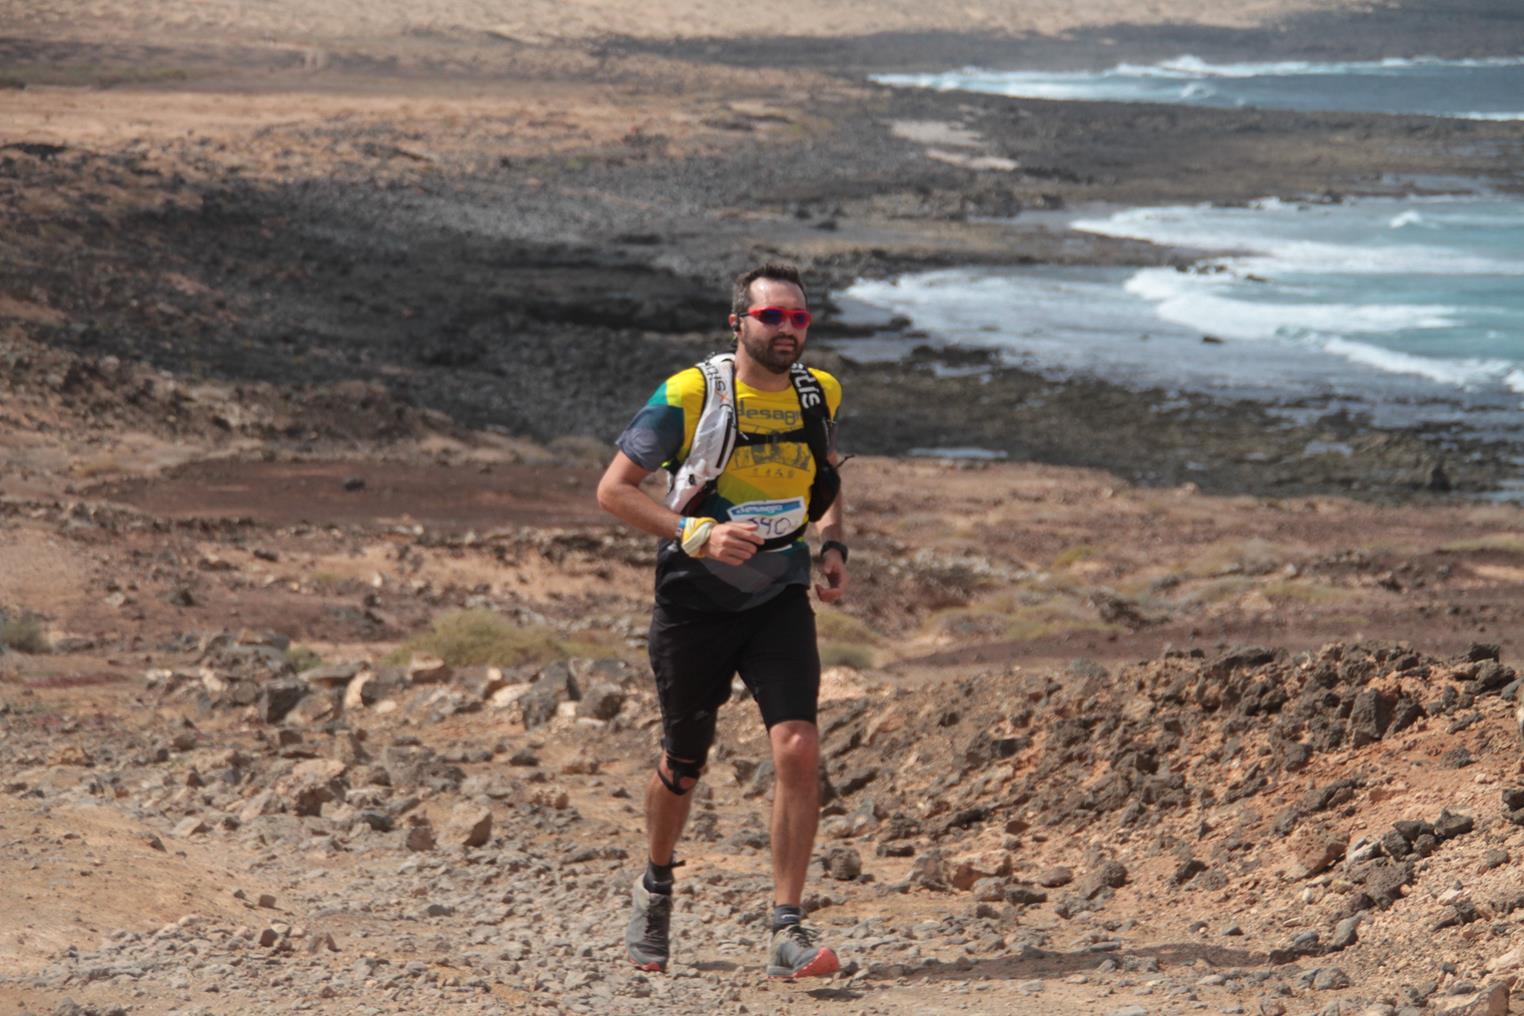 Desafio-Trail-480